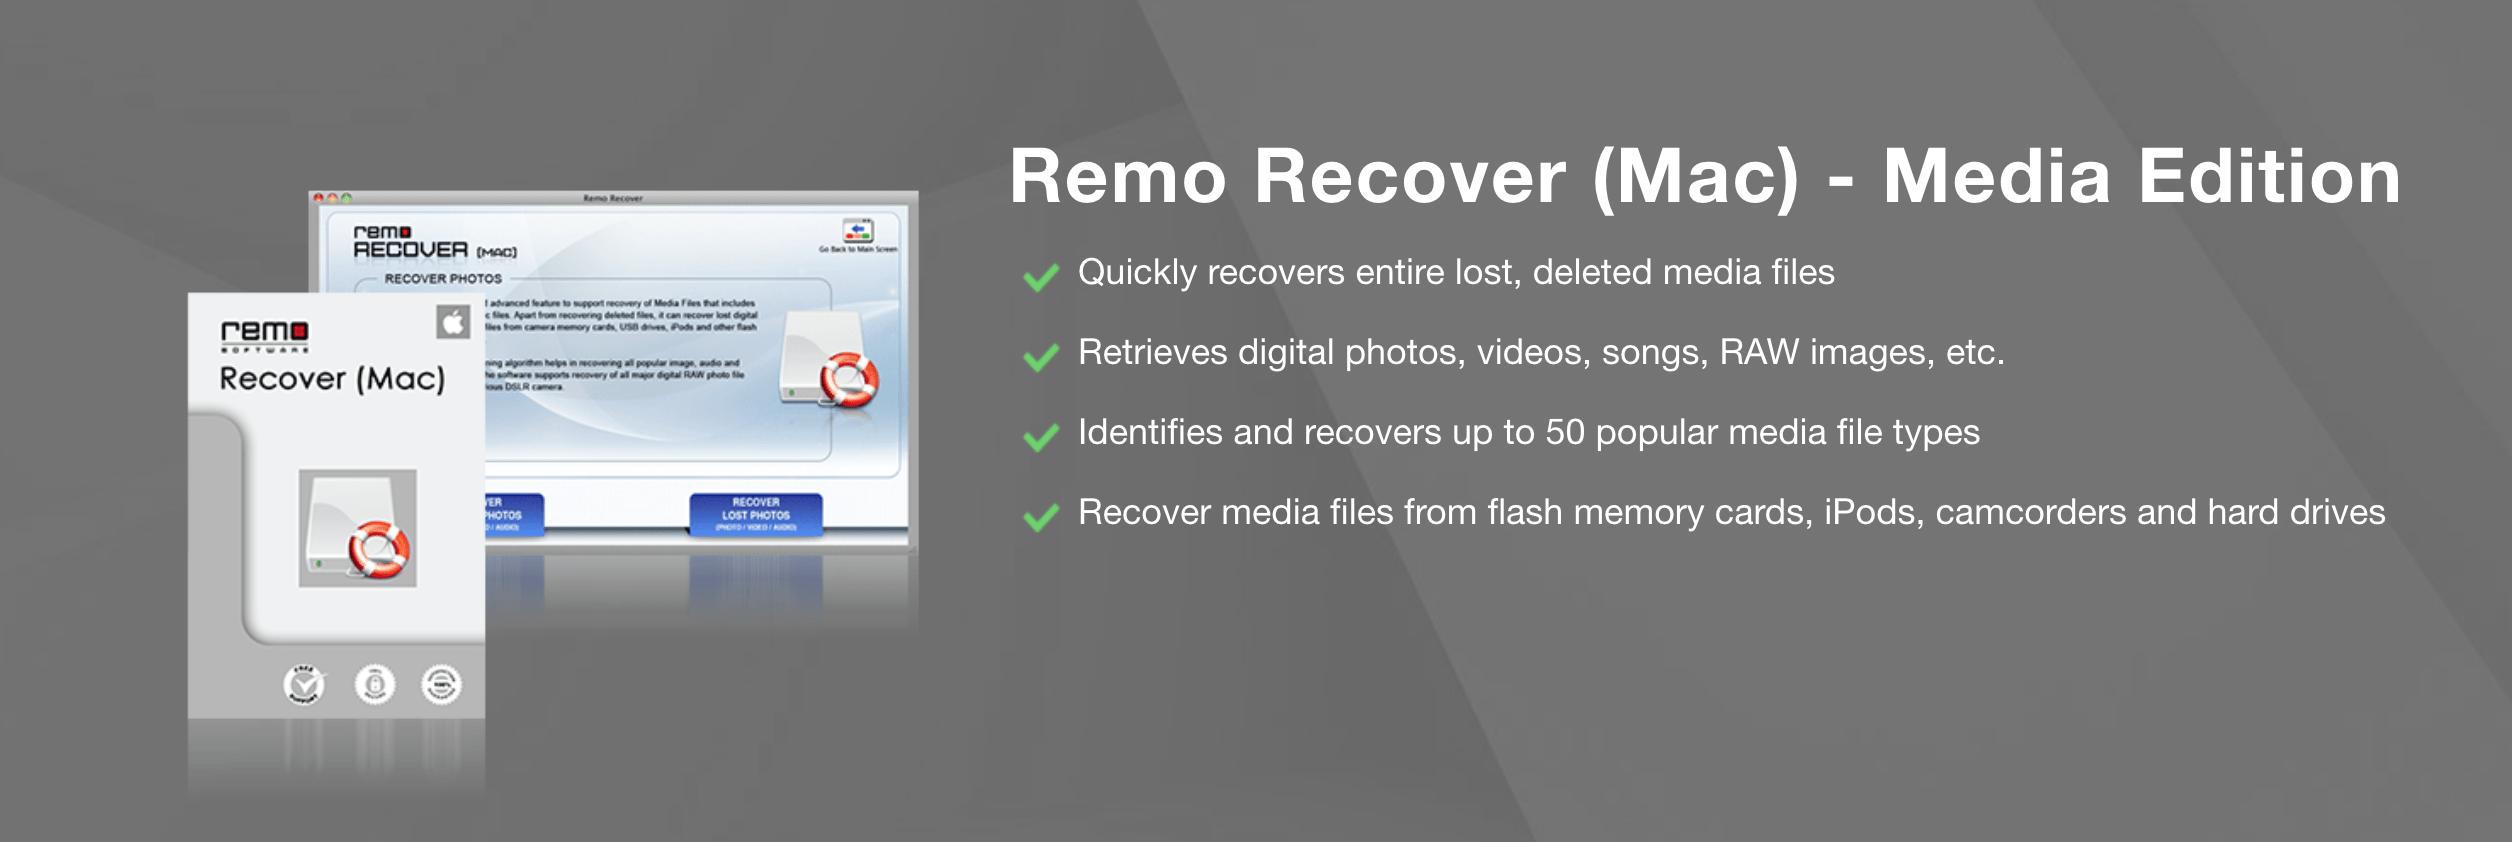 Remo Recover (Mac) - Media Edition